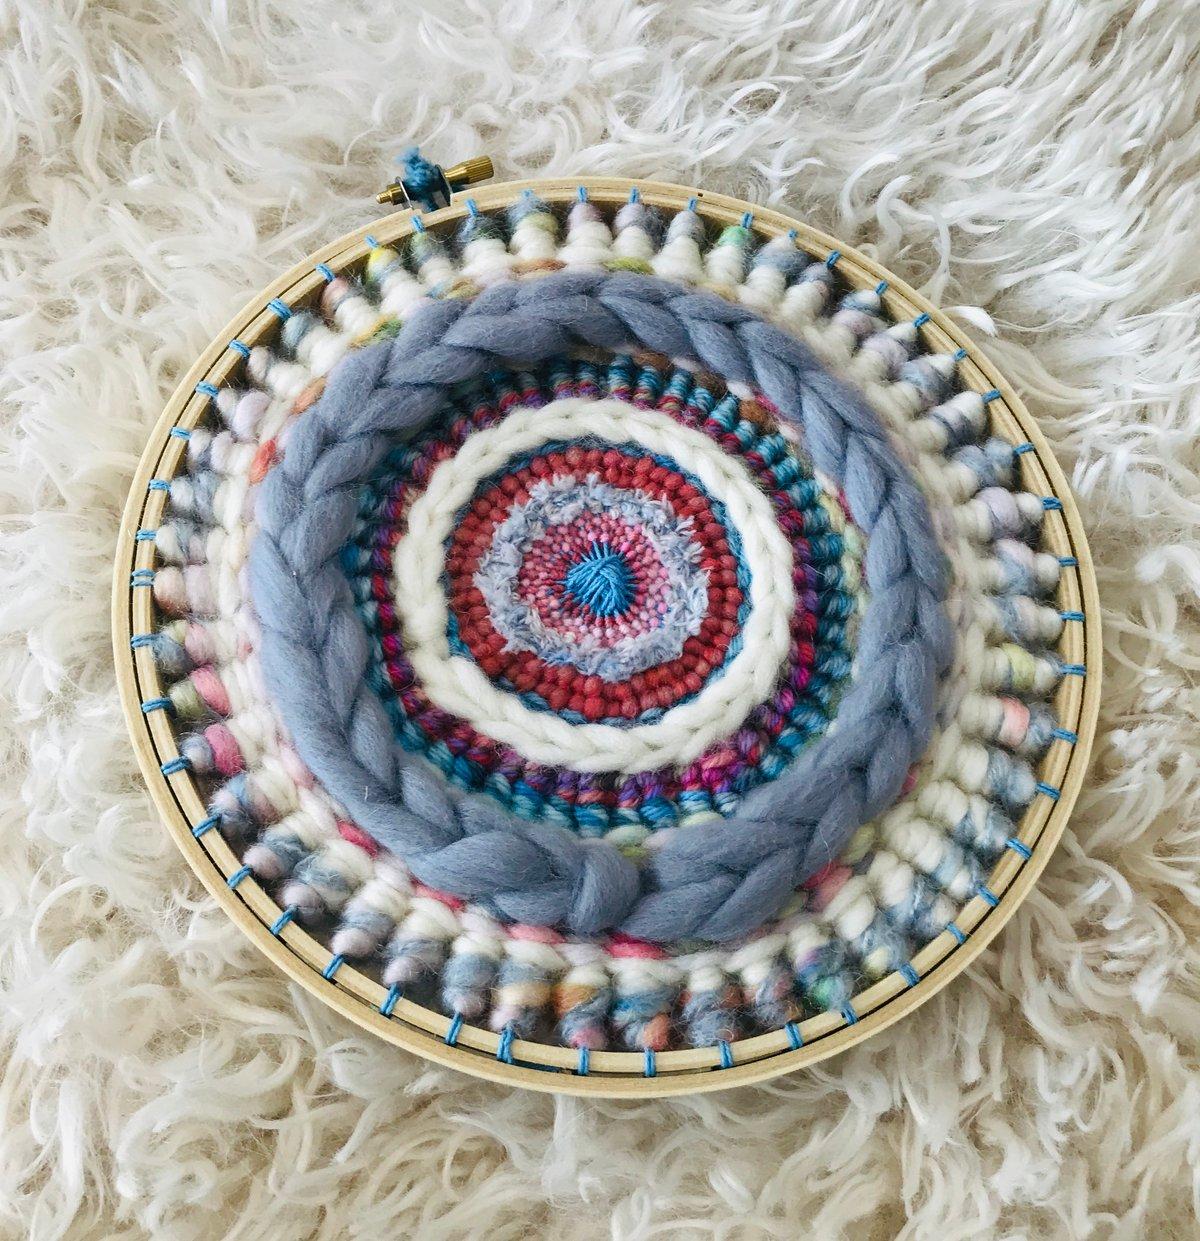 Some Shades of Grey Circular Weaving